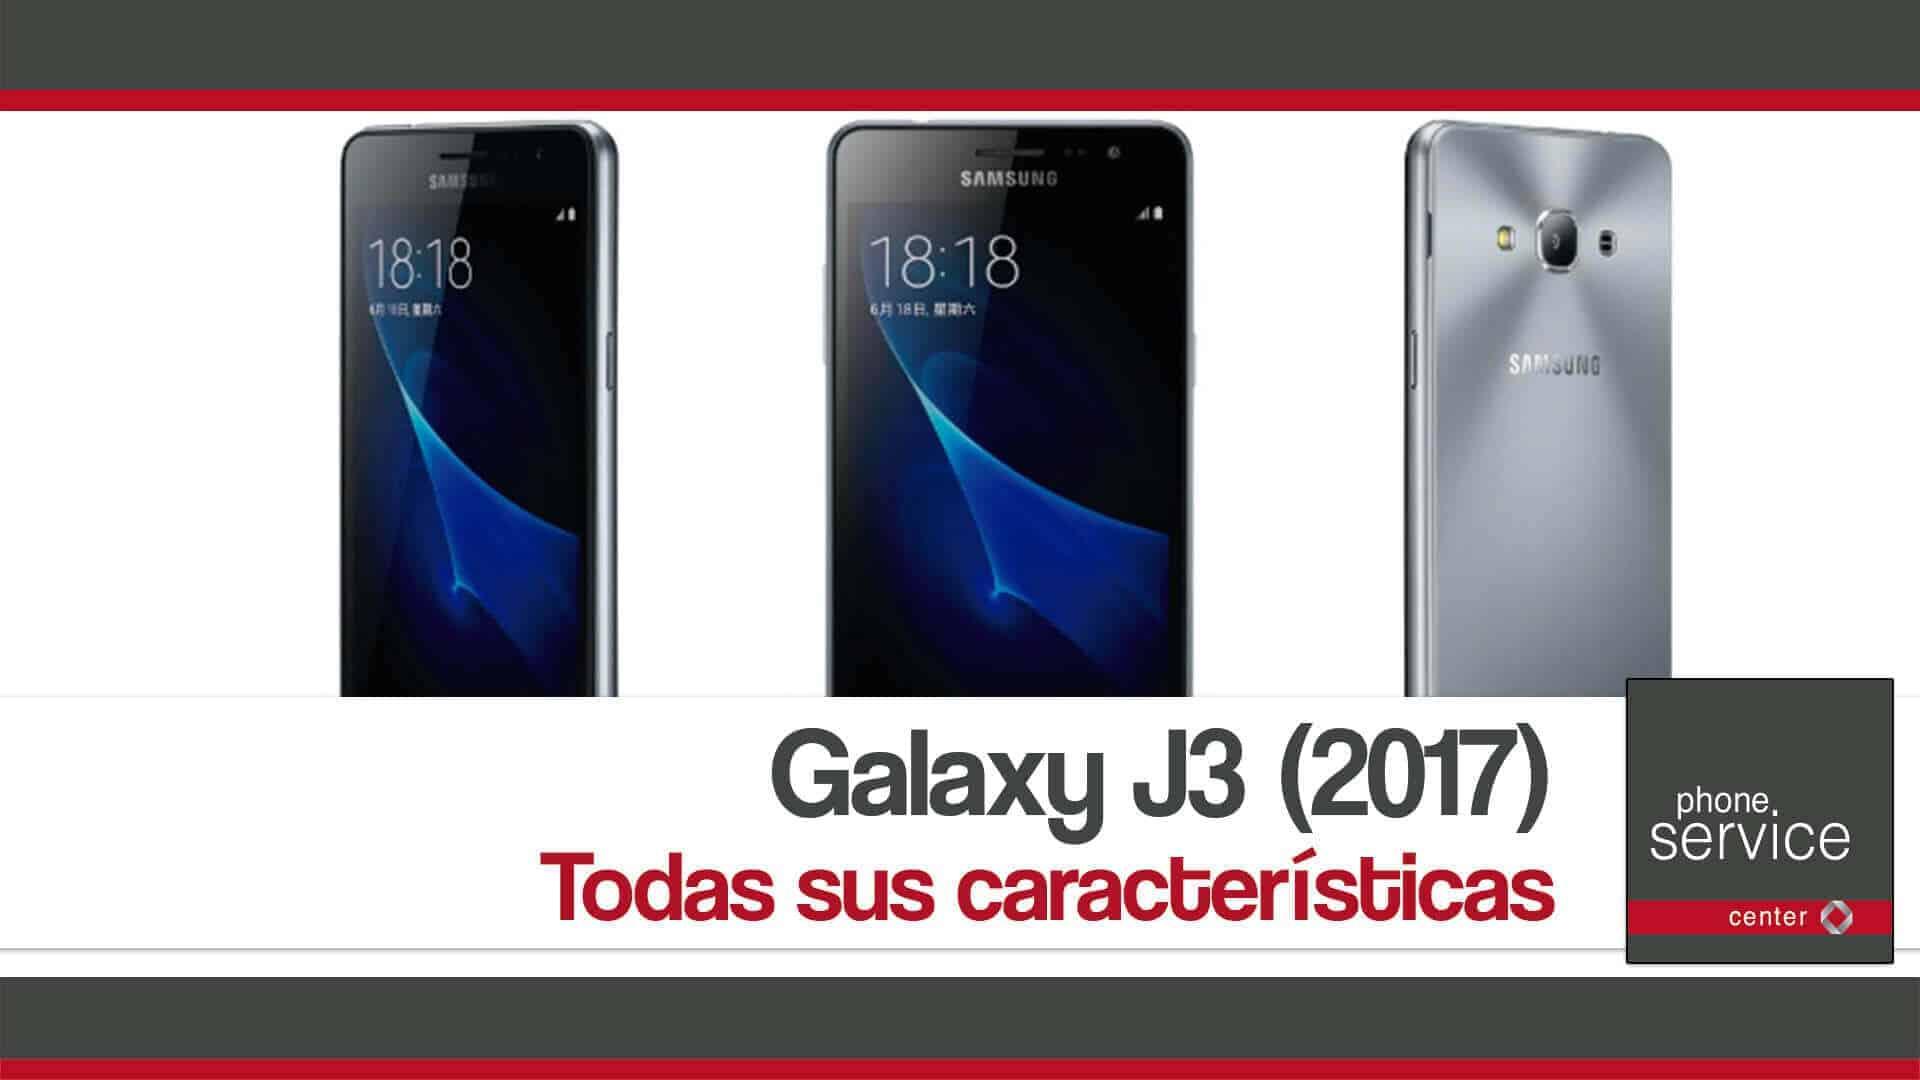 Galaxy J3 Especificaciones tecnicas